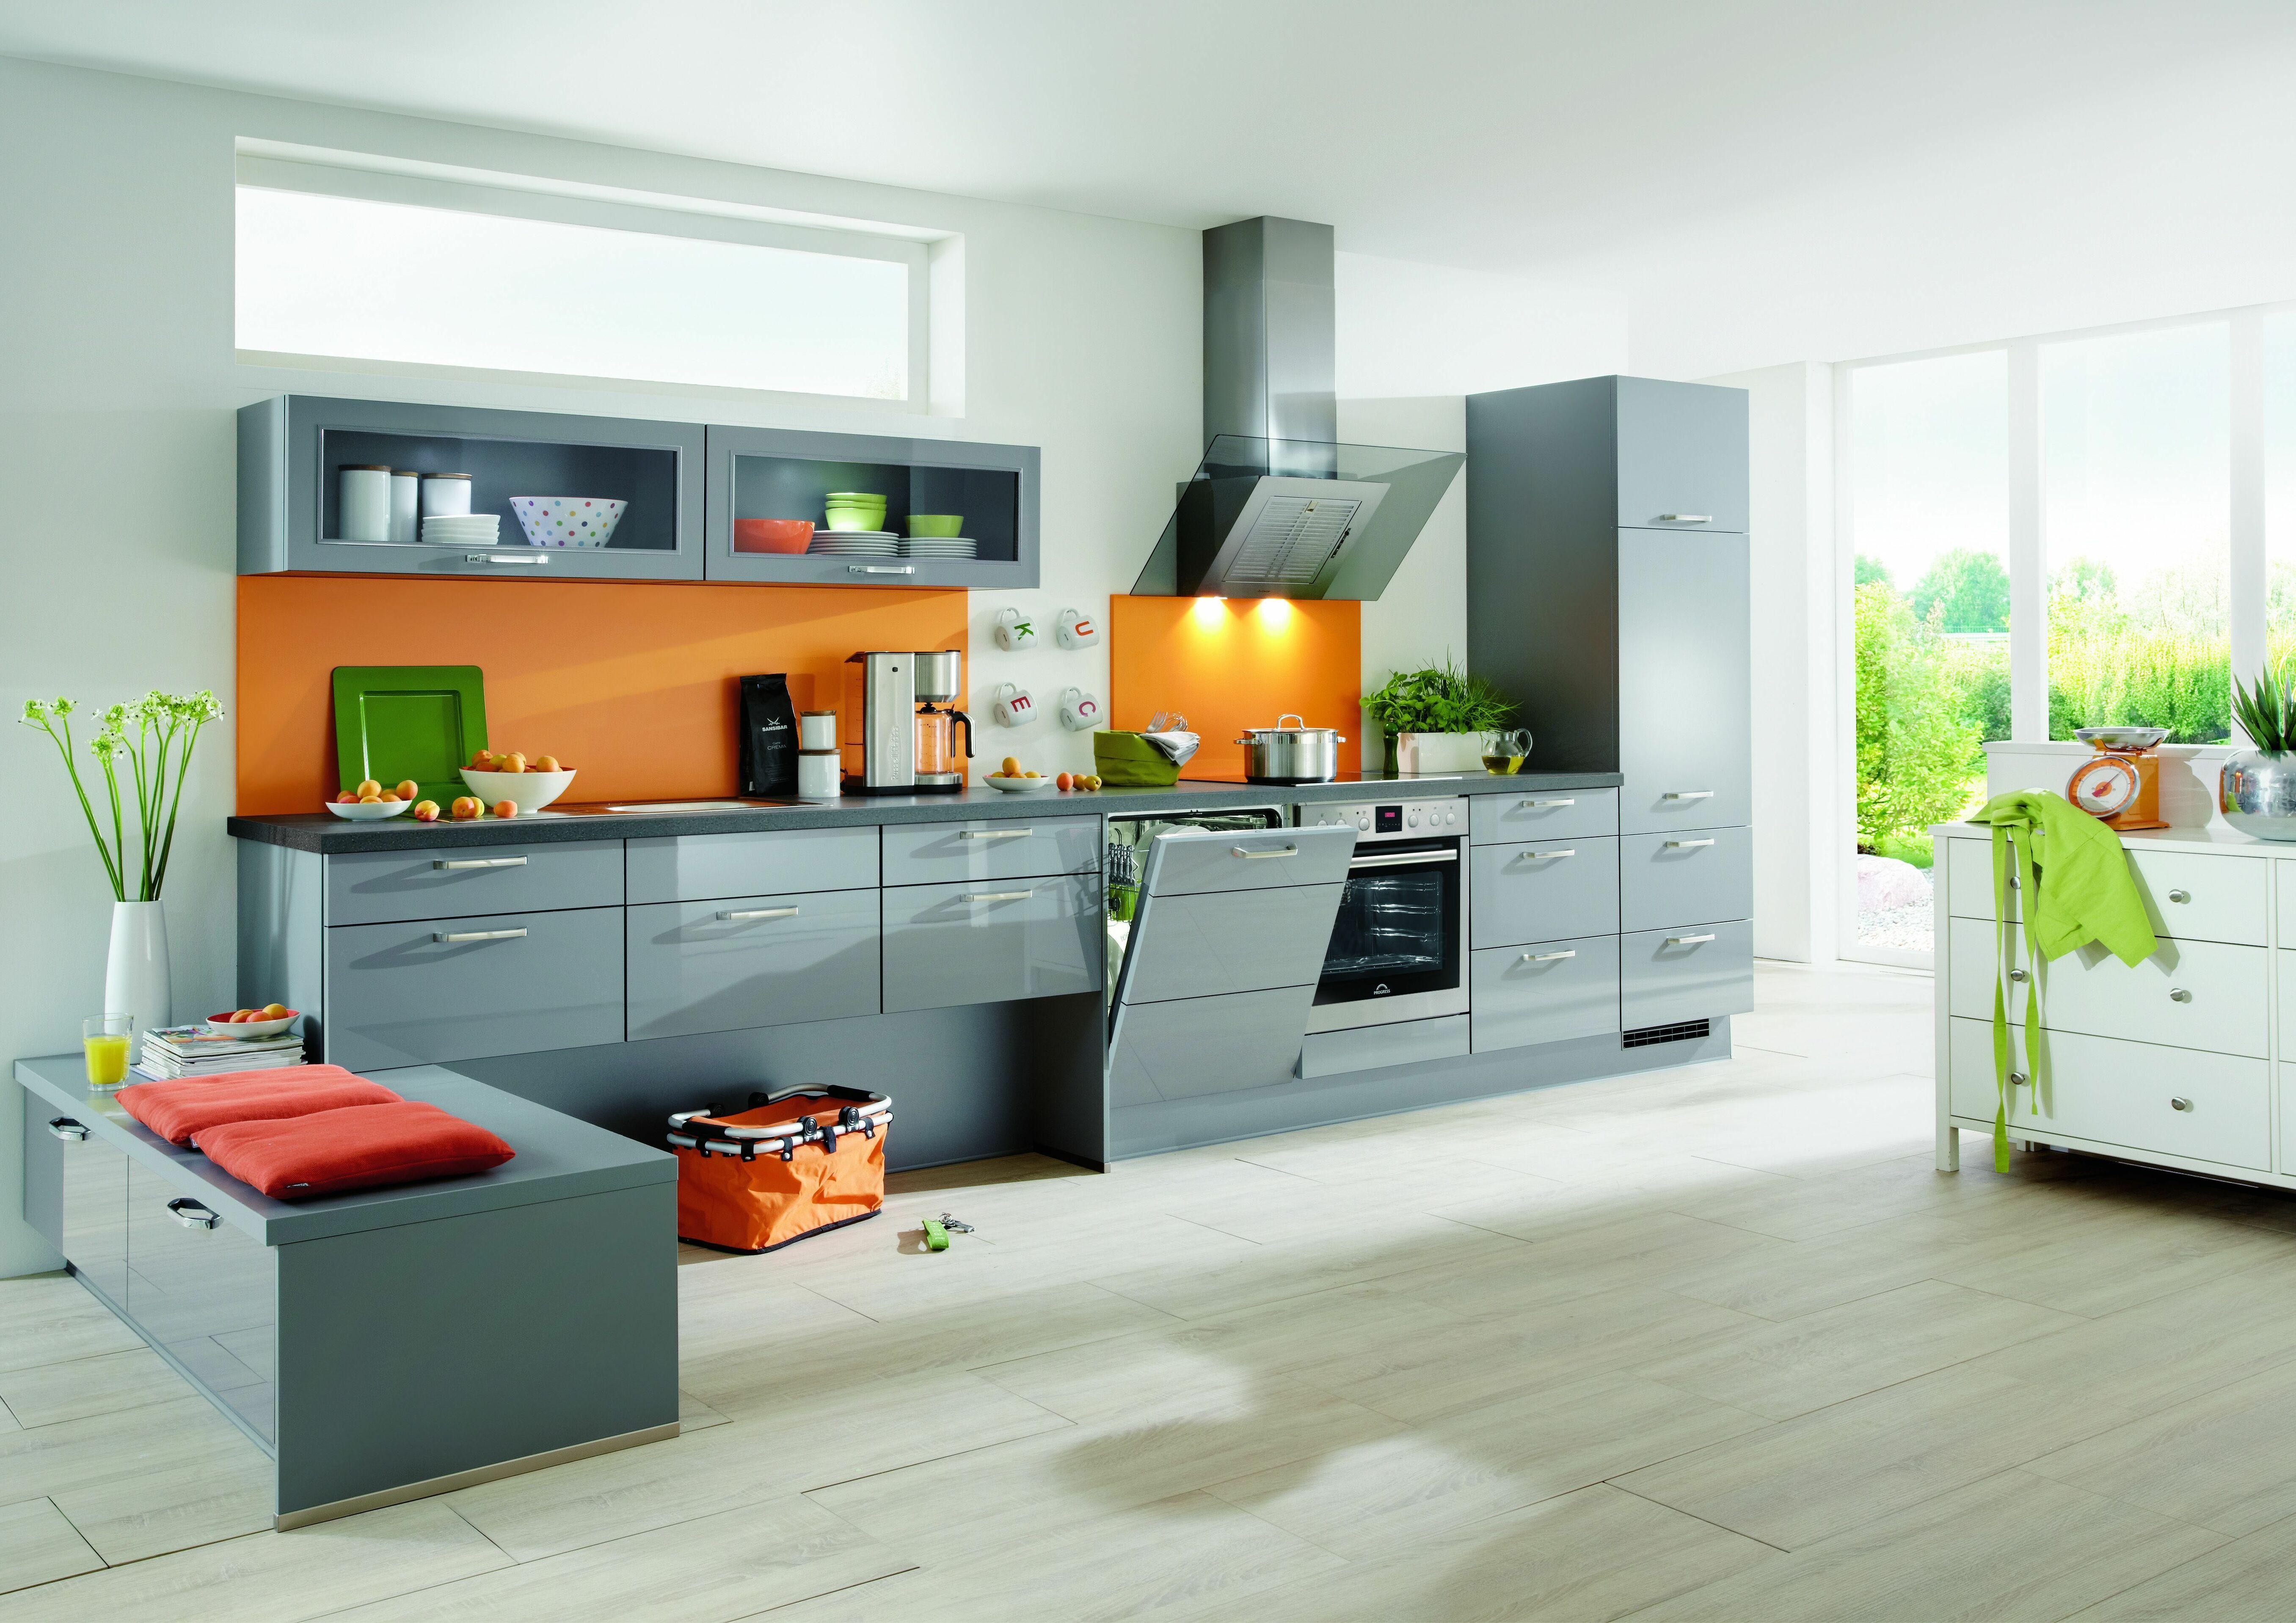 Großartig Moderne Küchenzeile Mit Grauen Hochglanz Fronten